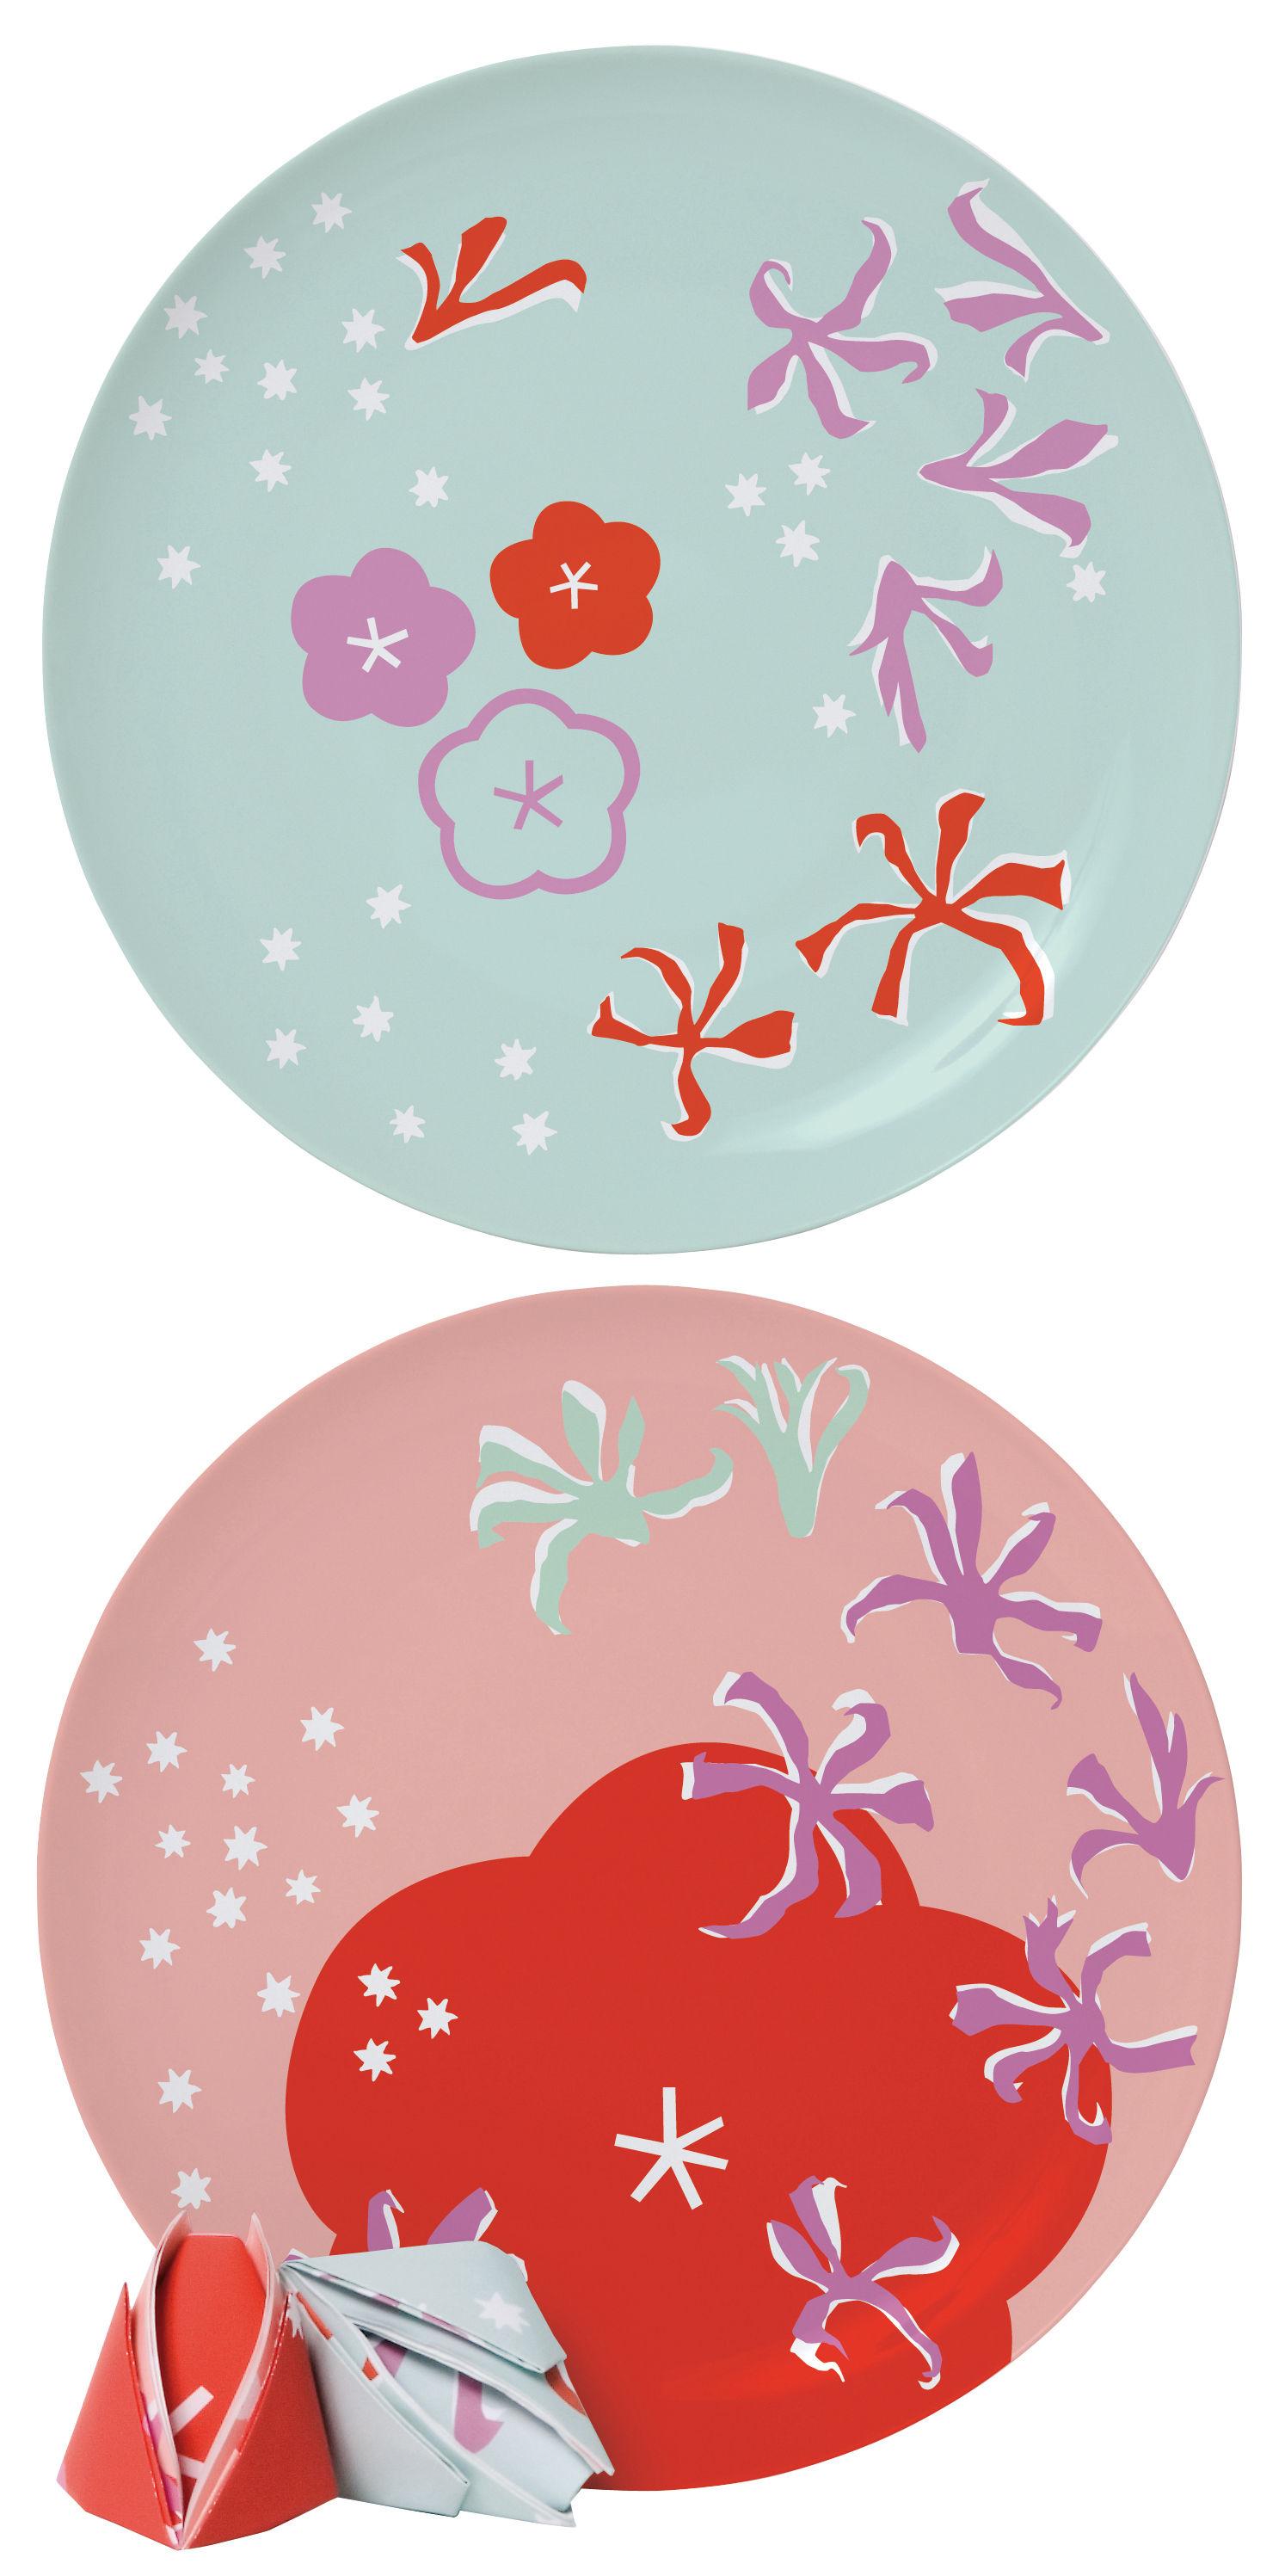 Cuisine - La cuisine s'amuse - Assiette Surface 02 - Poppy for two / lot de 2 - Ø 26,5 cm - Domestic - Poppy for two - Porcelaine